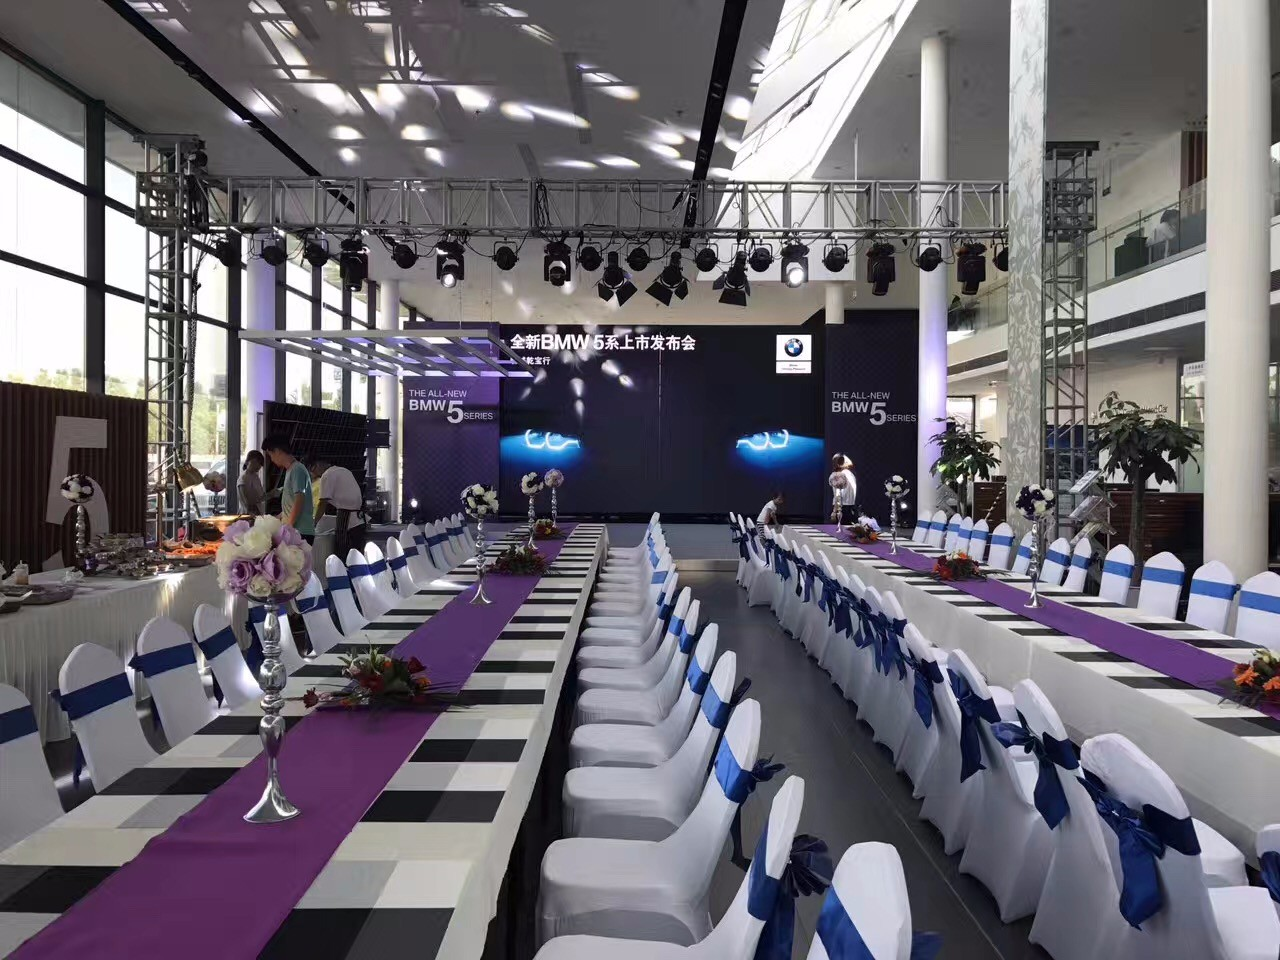 全新寶馬5系上市發布會|會議會展/Convention-聊城龍元廣告文化傳媒有限公司